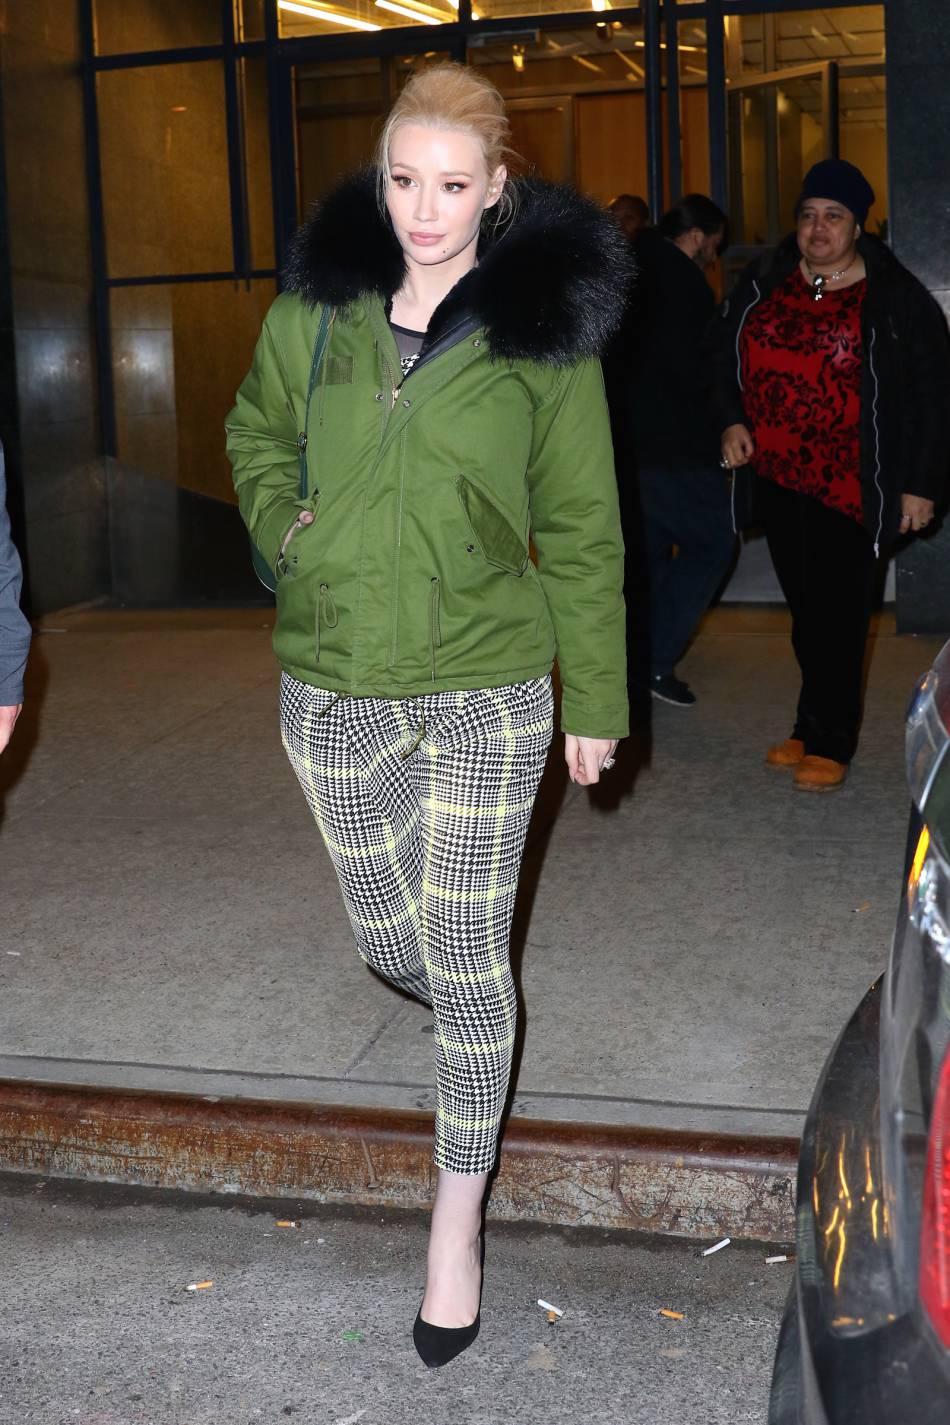 Après le show, Iggy Azalea a dégainé la doudoune verte pour éviter le coup de froid.